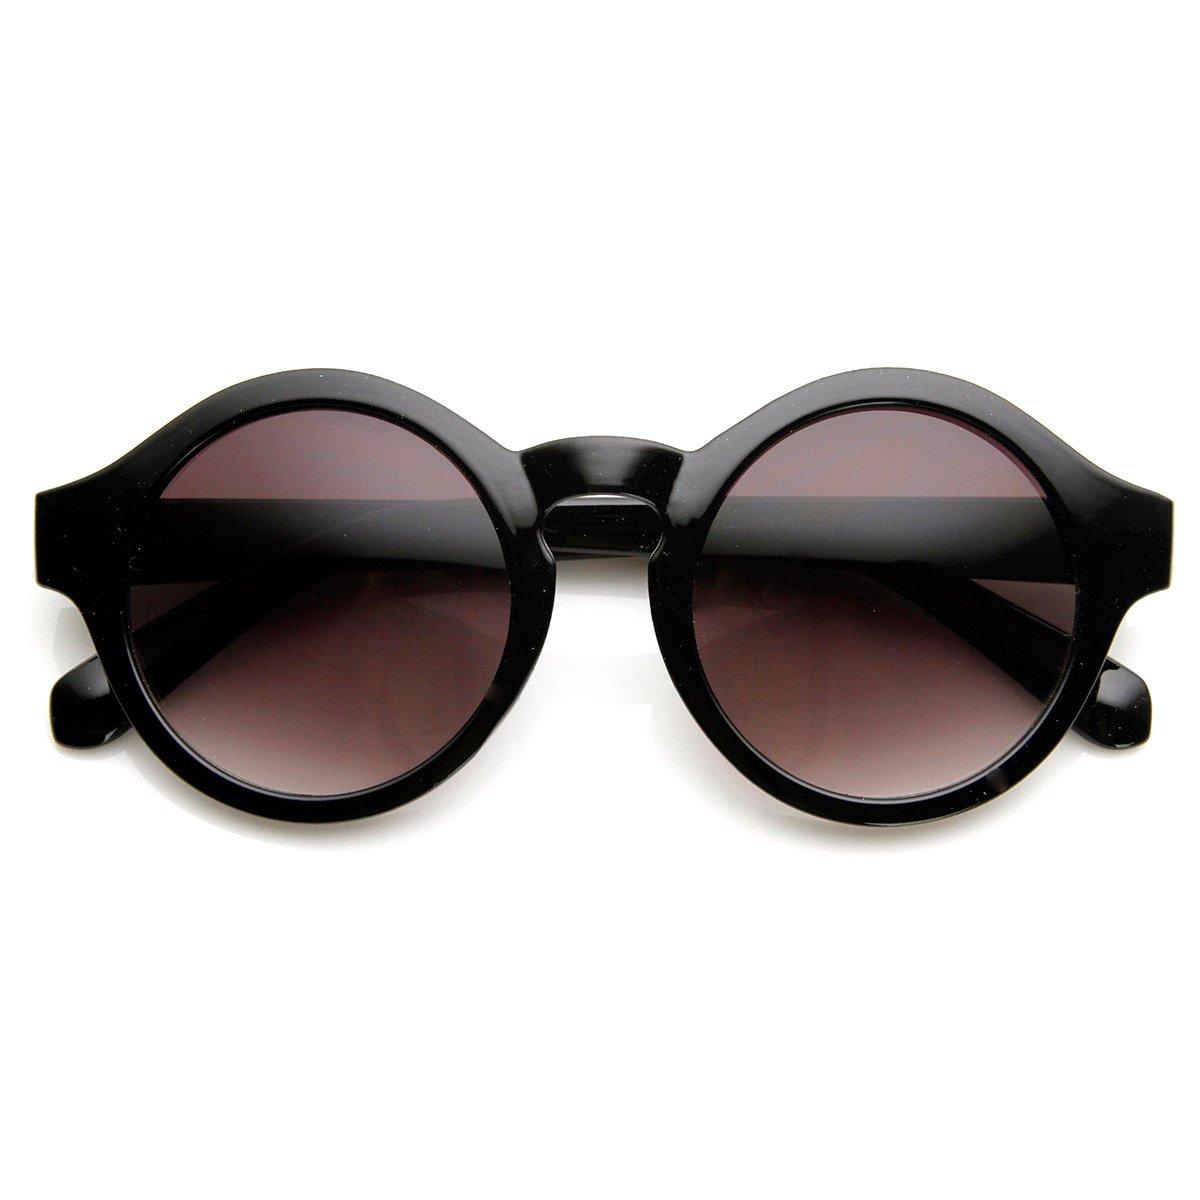 2565d7cfbb Amazon.com  Retro Bold Frame Keyhole Bridge P3 Frame Round Sunglasses  (Shiny-Black)  Clothing